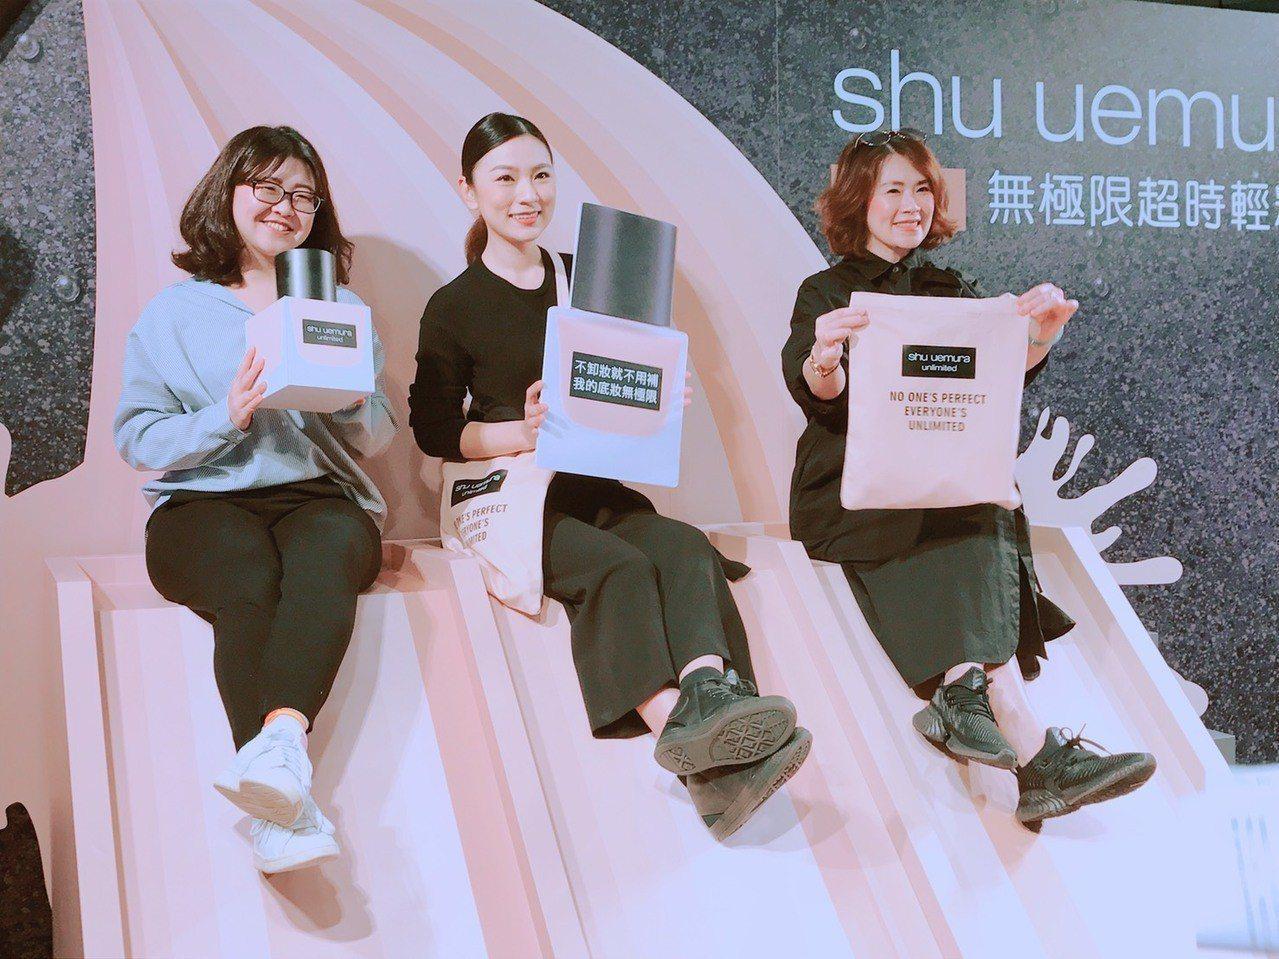 植村秀「#無極限遊樂園」台灣限定活動這個周末起全台展開,好美又好拍的「全色系巨型...